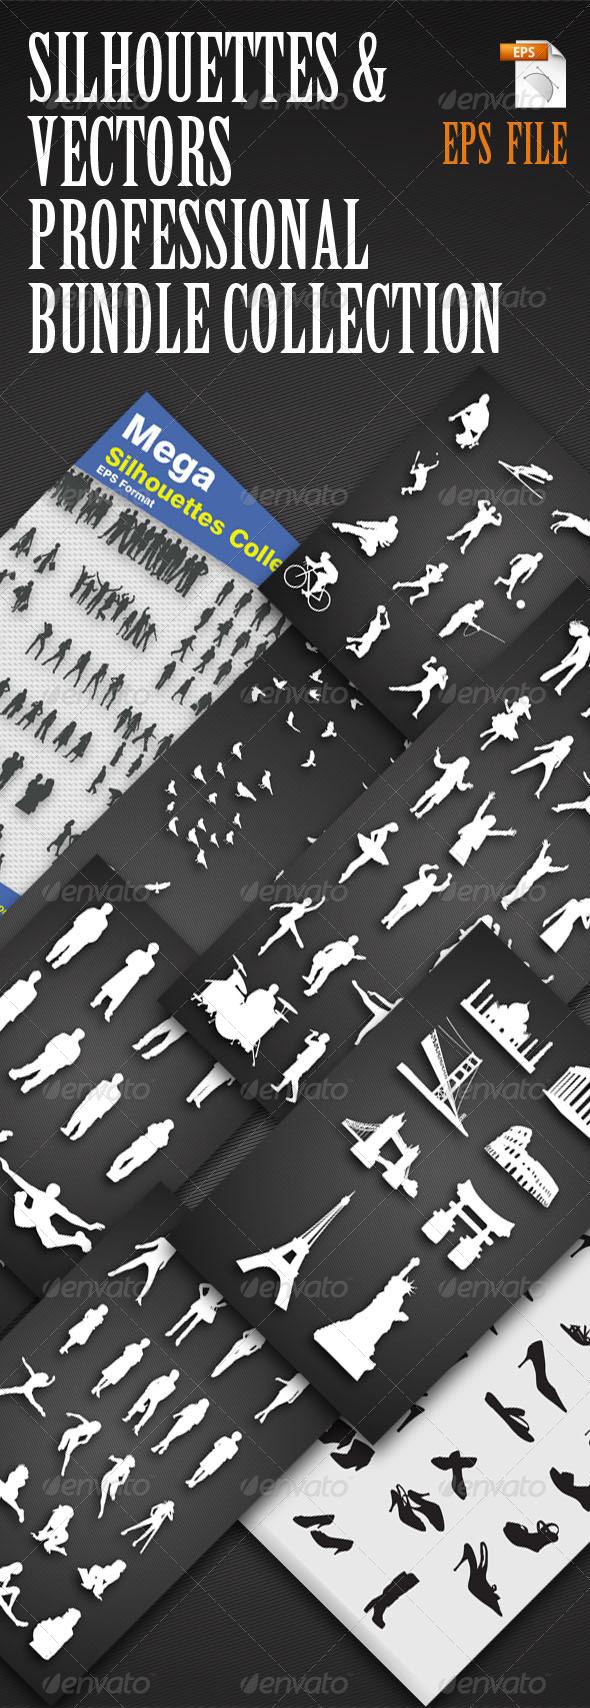 GraphicRiver Bundle Silhouettes & Vectors Collection 5309767